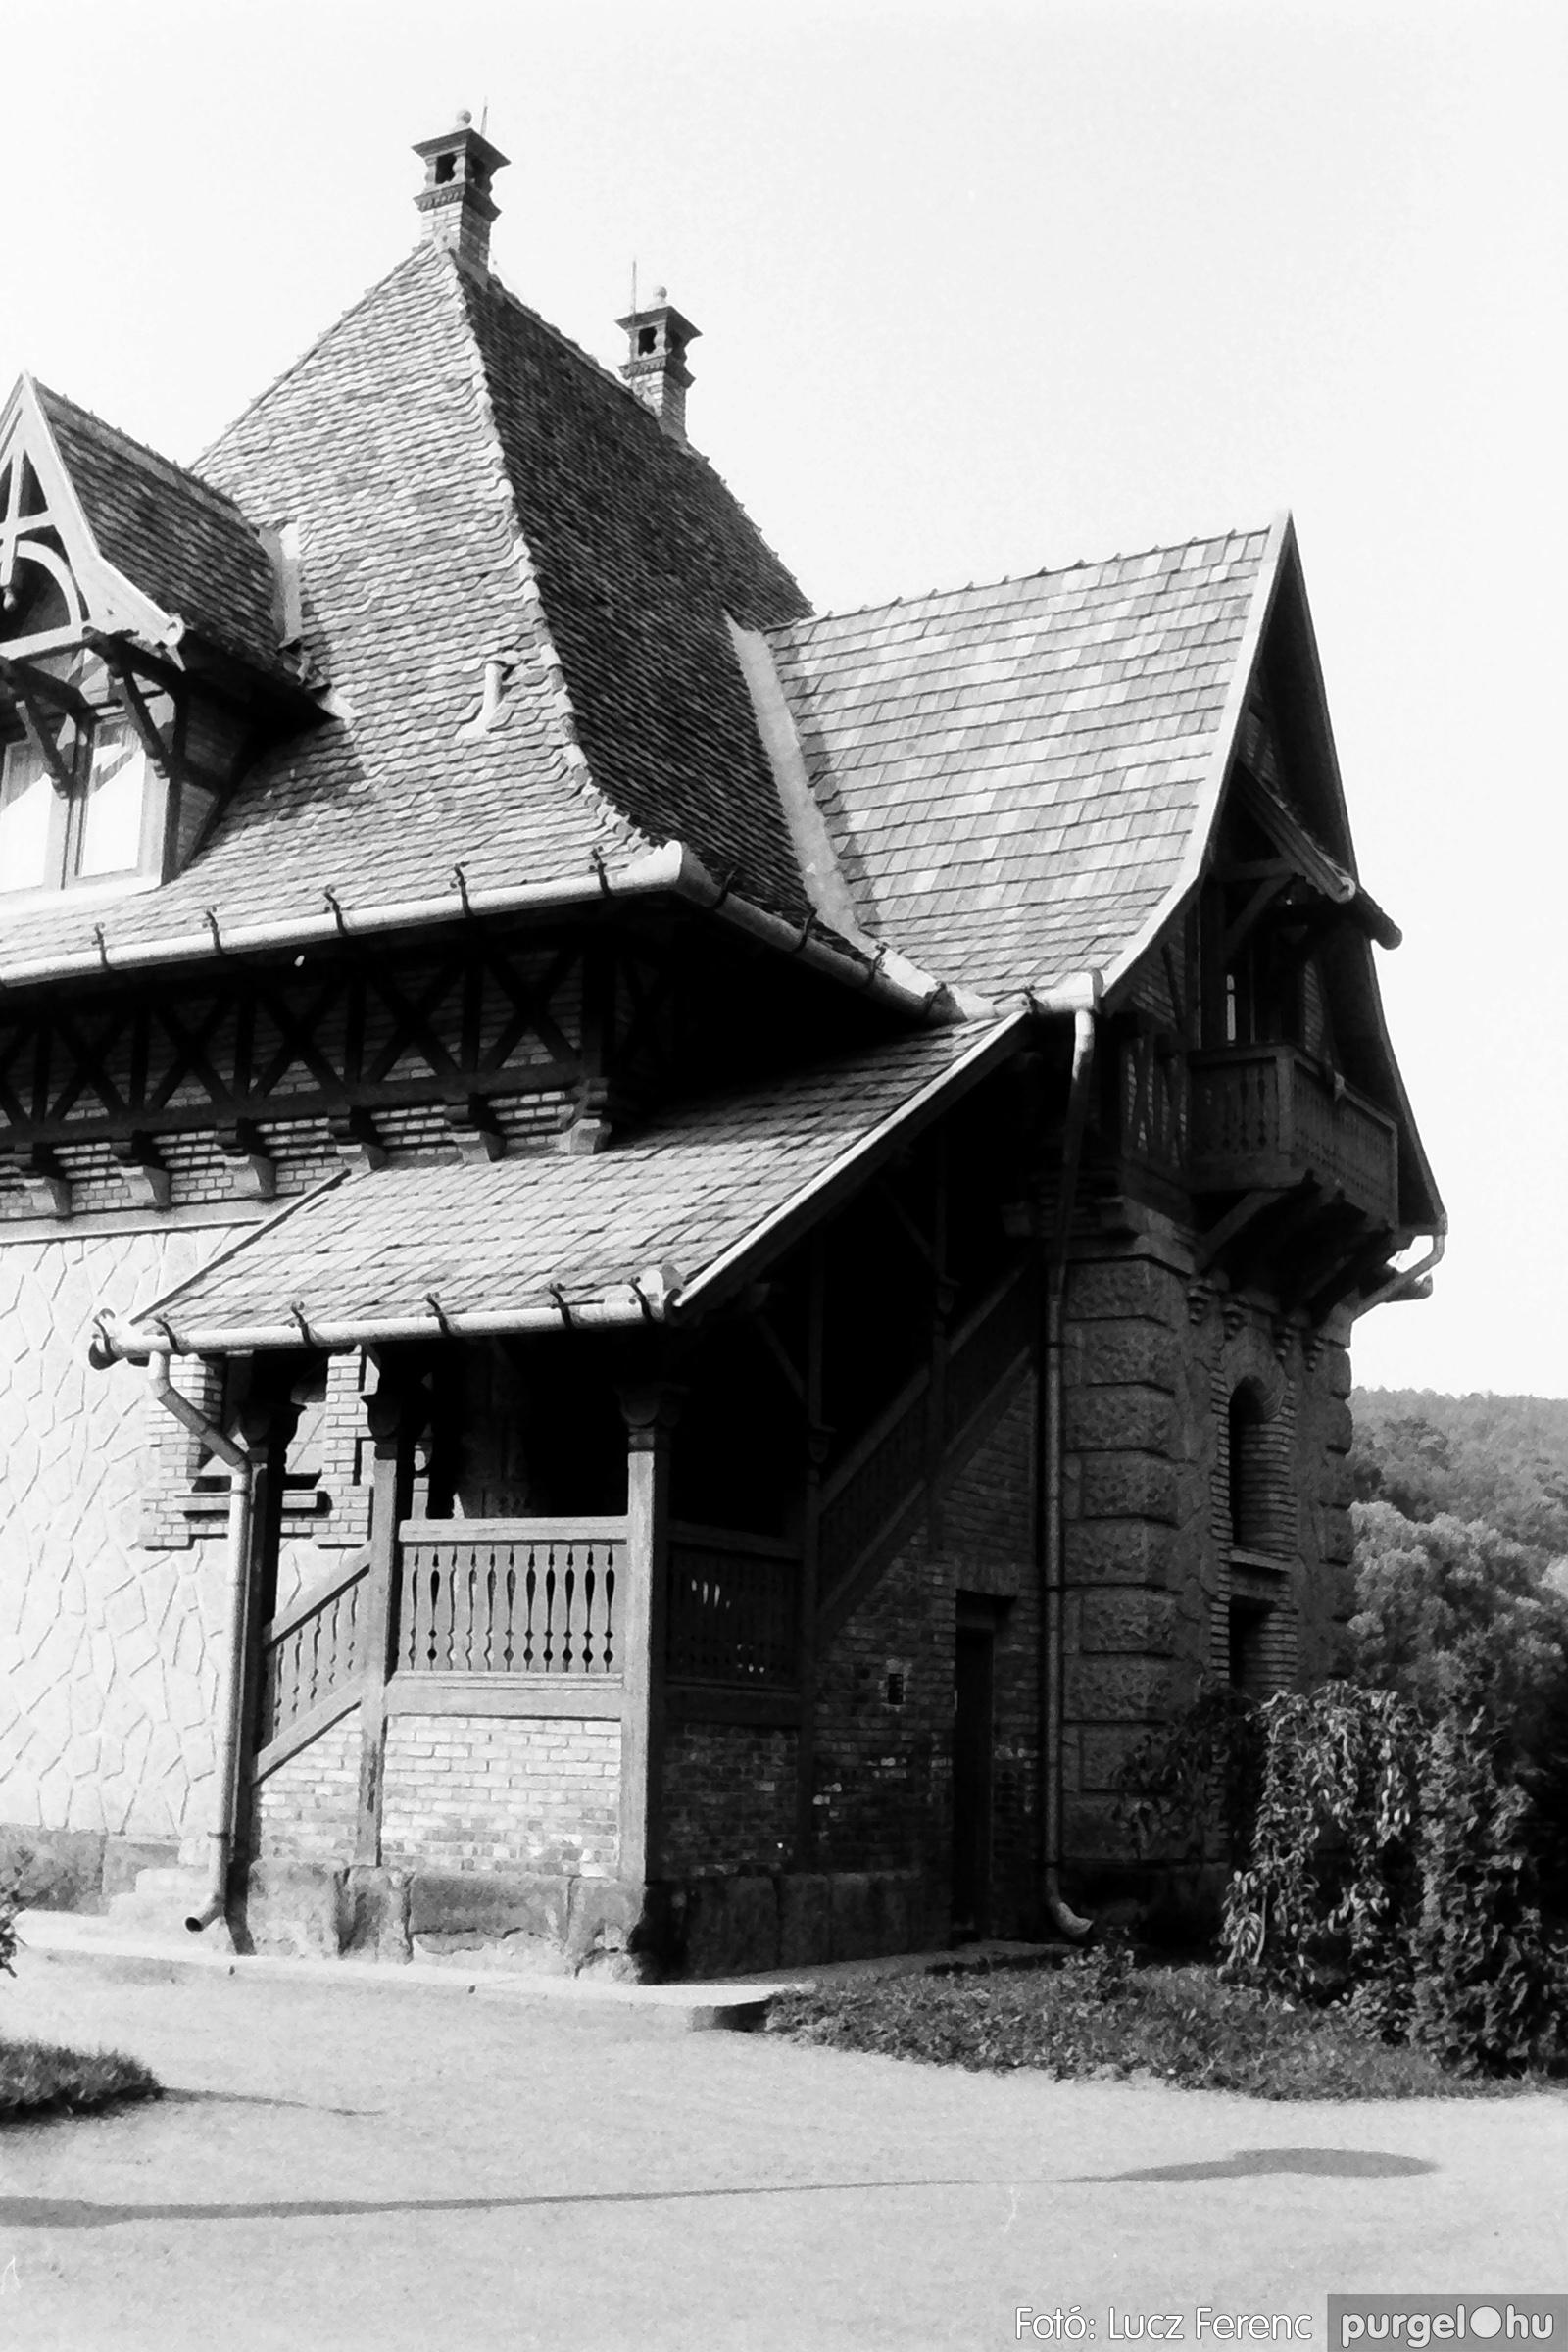 086, 088. 1977. Nyári tábor a Mátrában 039. - Fotó: Lucz Ferenc.jpg